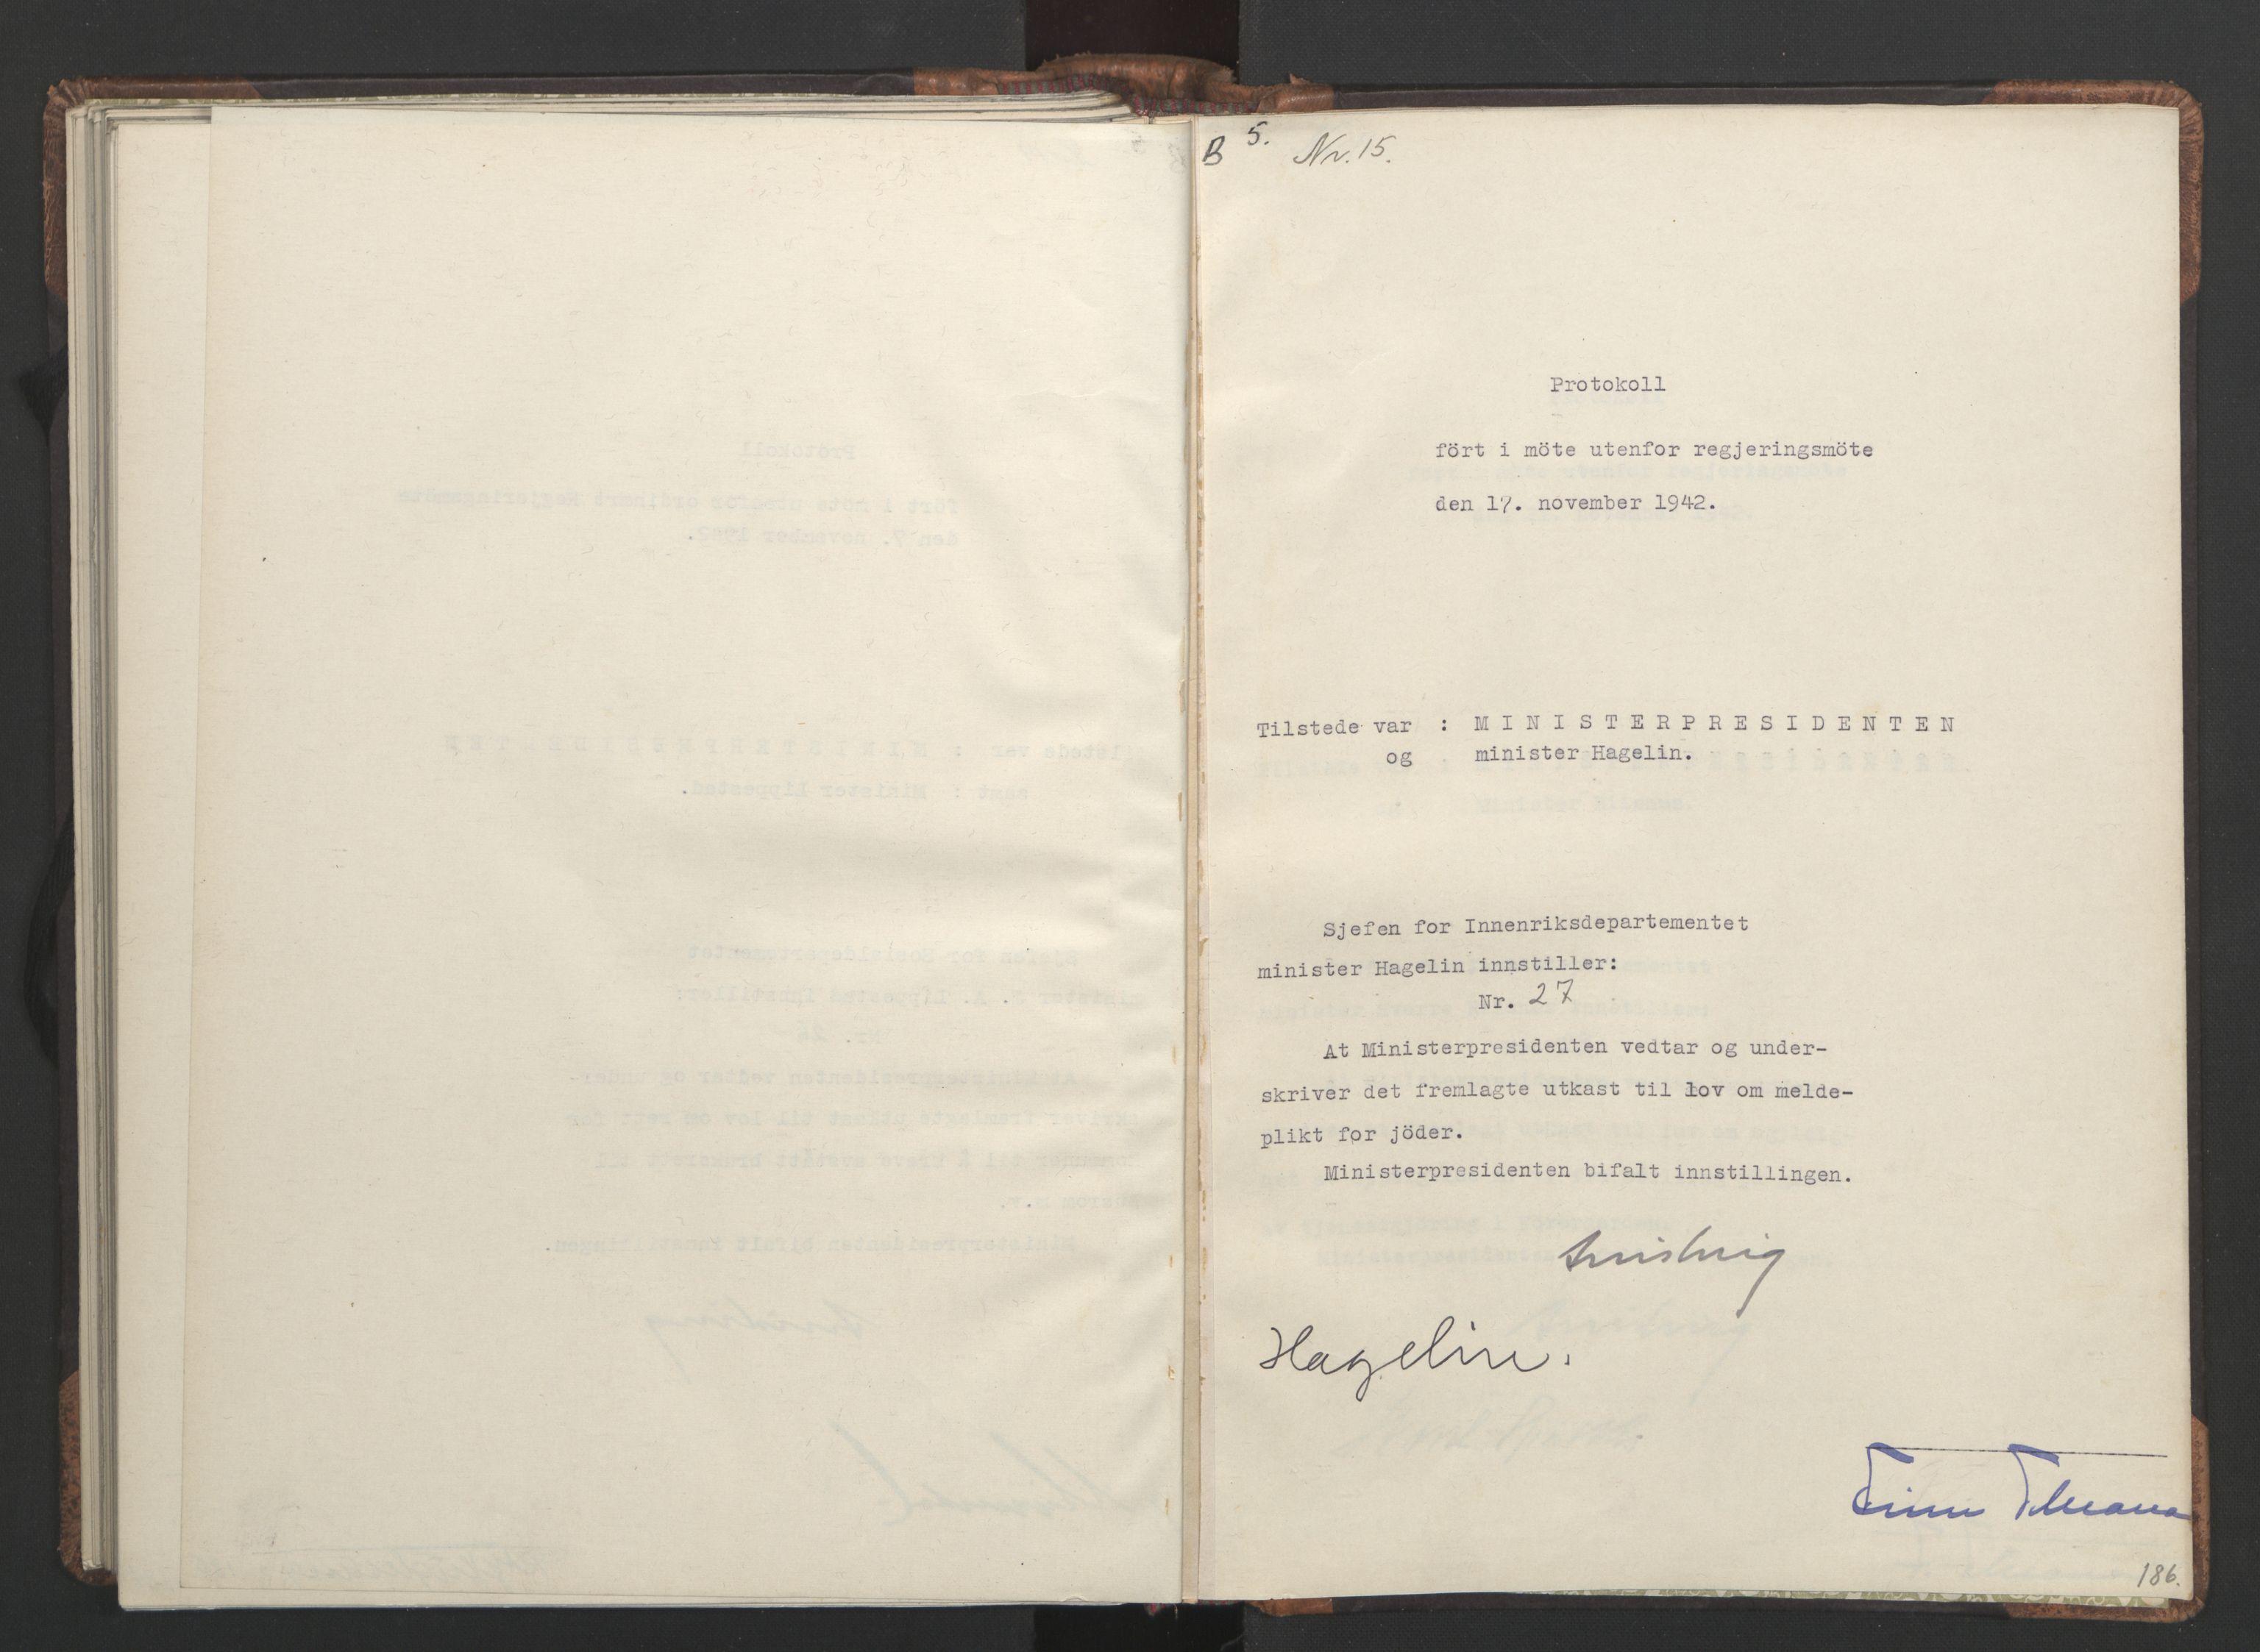 RA, NS-administrasjonen 1940-1945 (Statsrådsekretariatet, de kommisariske statsråder mm), D/Da/L0001: Beslutninger og tillegg (1-952 og 1-32), 1942, s. 185b-186a